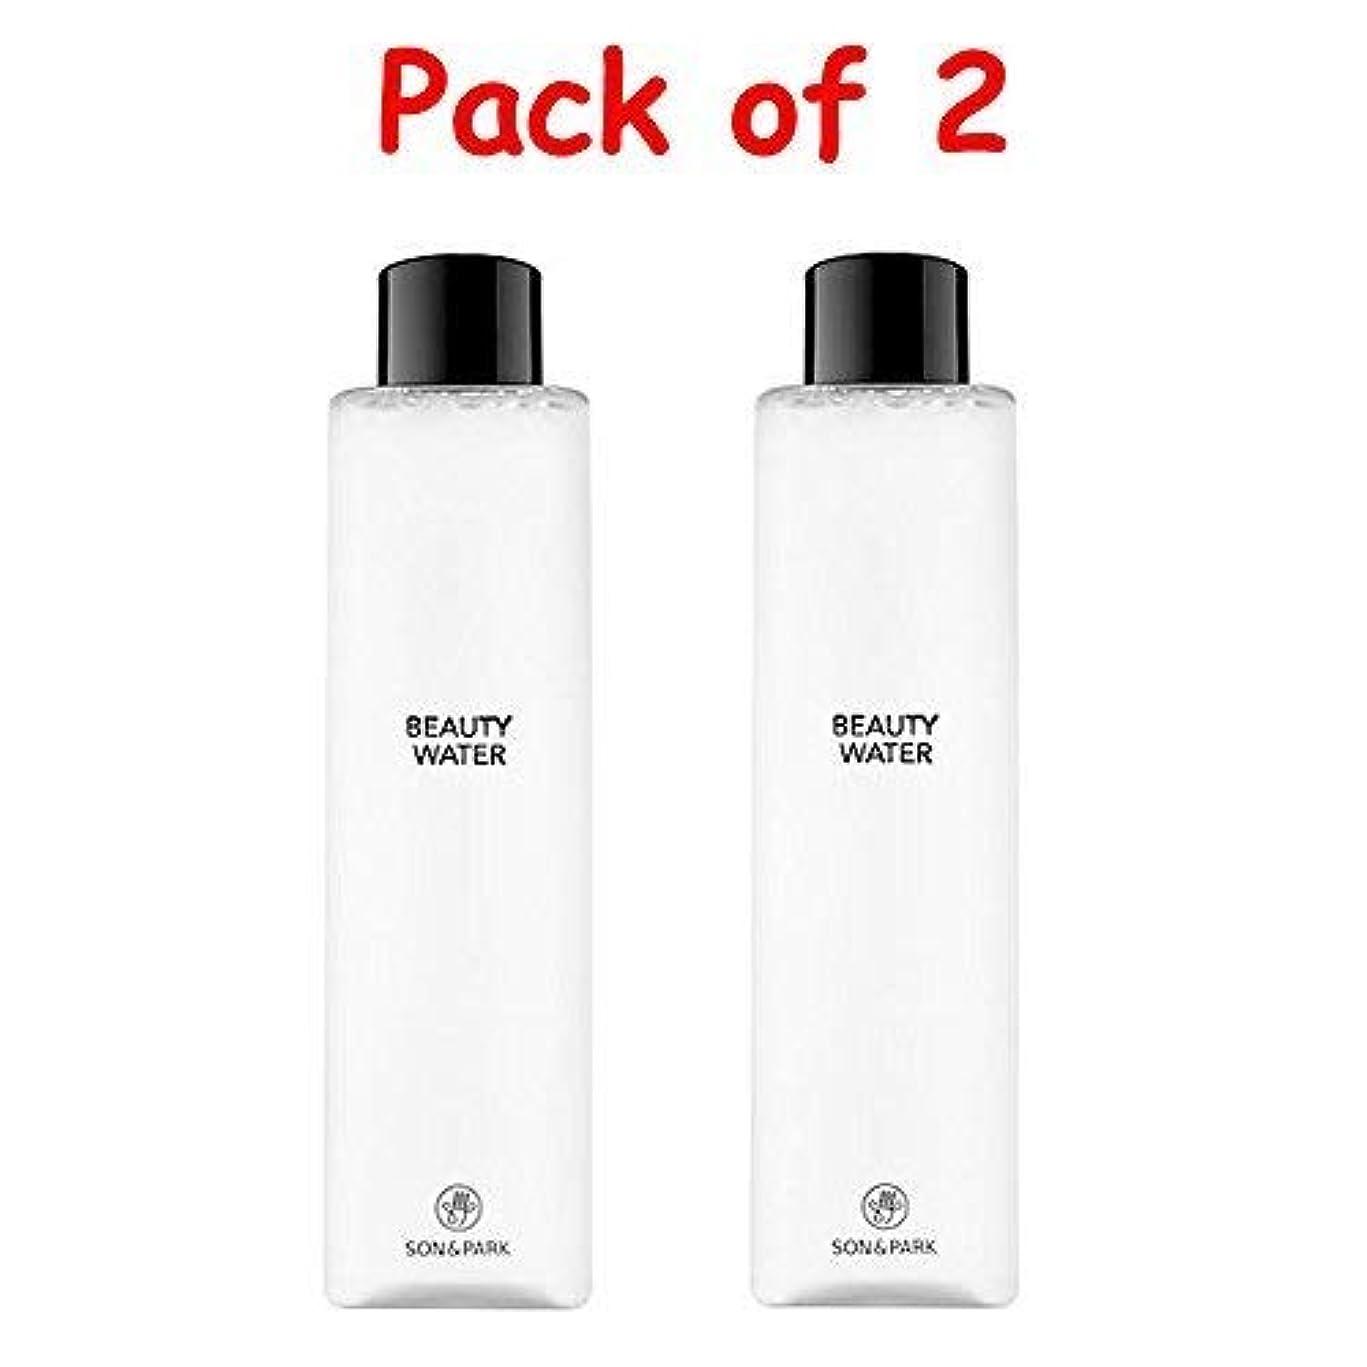 霧斧後ろに★1+1 Sale★[SON & PARK]Beauty Water 340ml (Pack of 2) /[ソン & パク] ビューティー ウォーター 340ml (1+1)